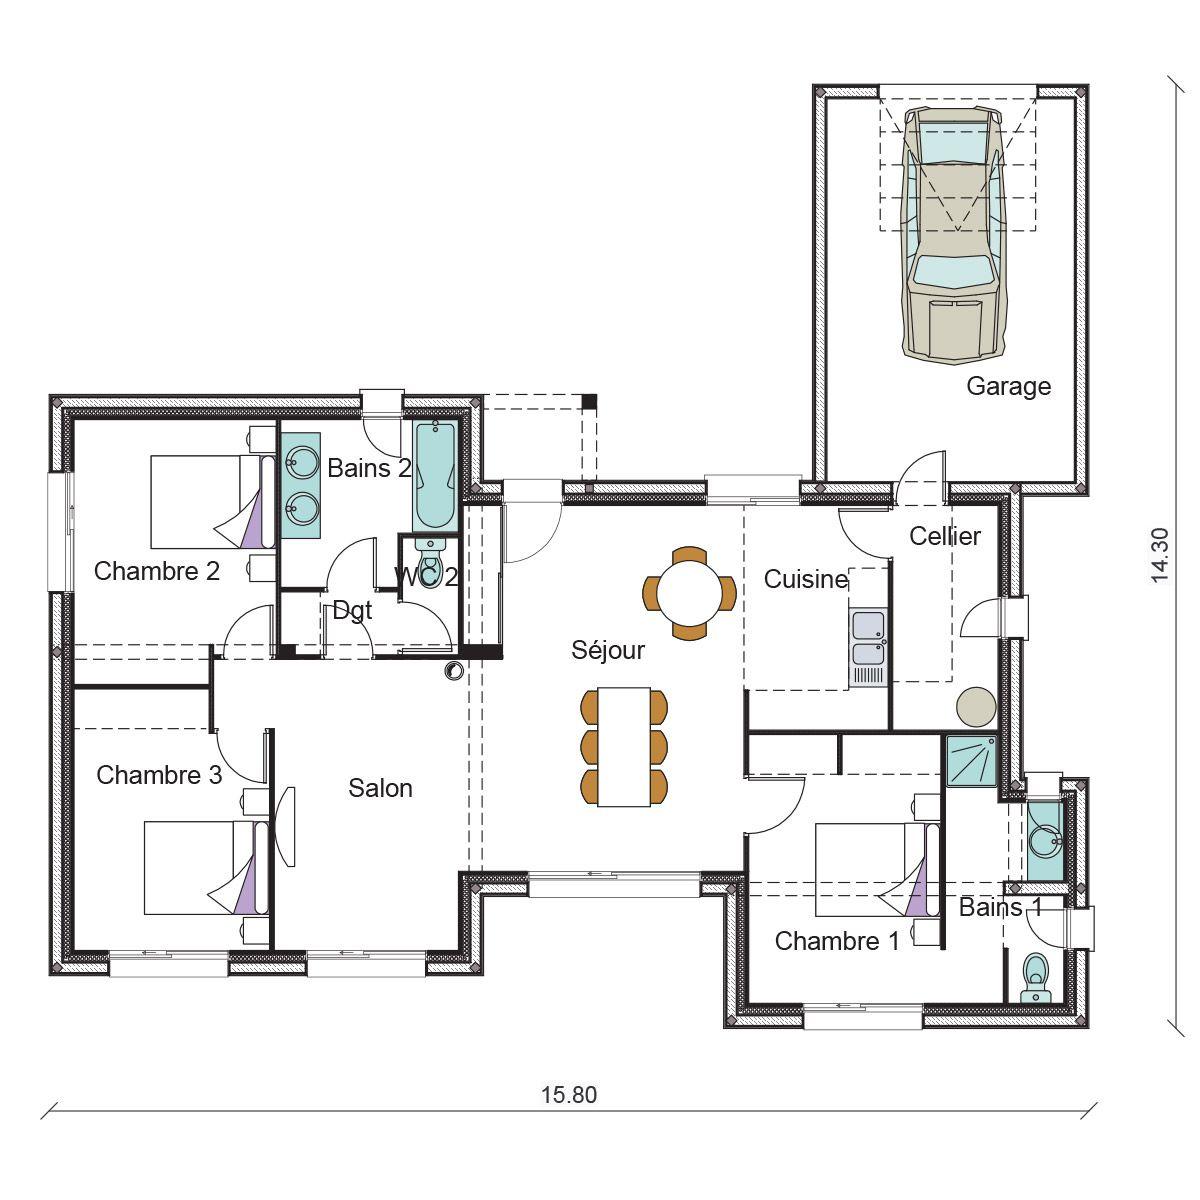 Maison Plain Pied 3 Chambres Maison Plan Maison Plan Maison Architecte